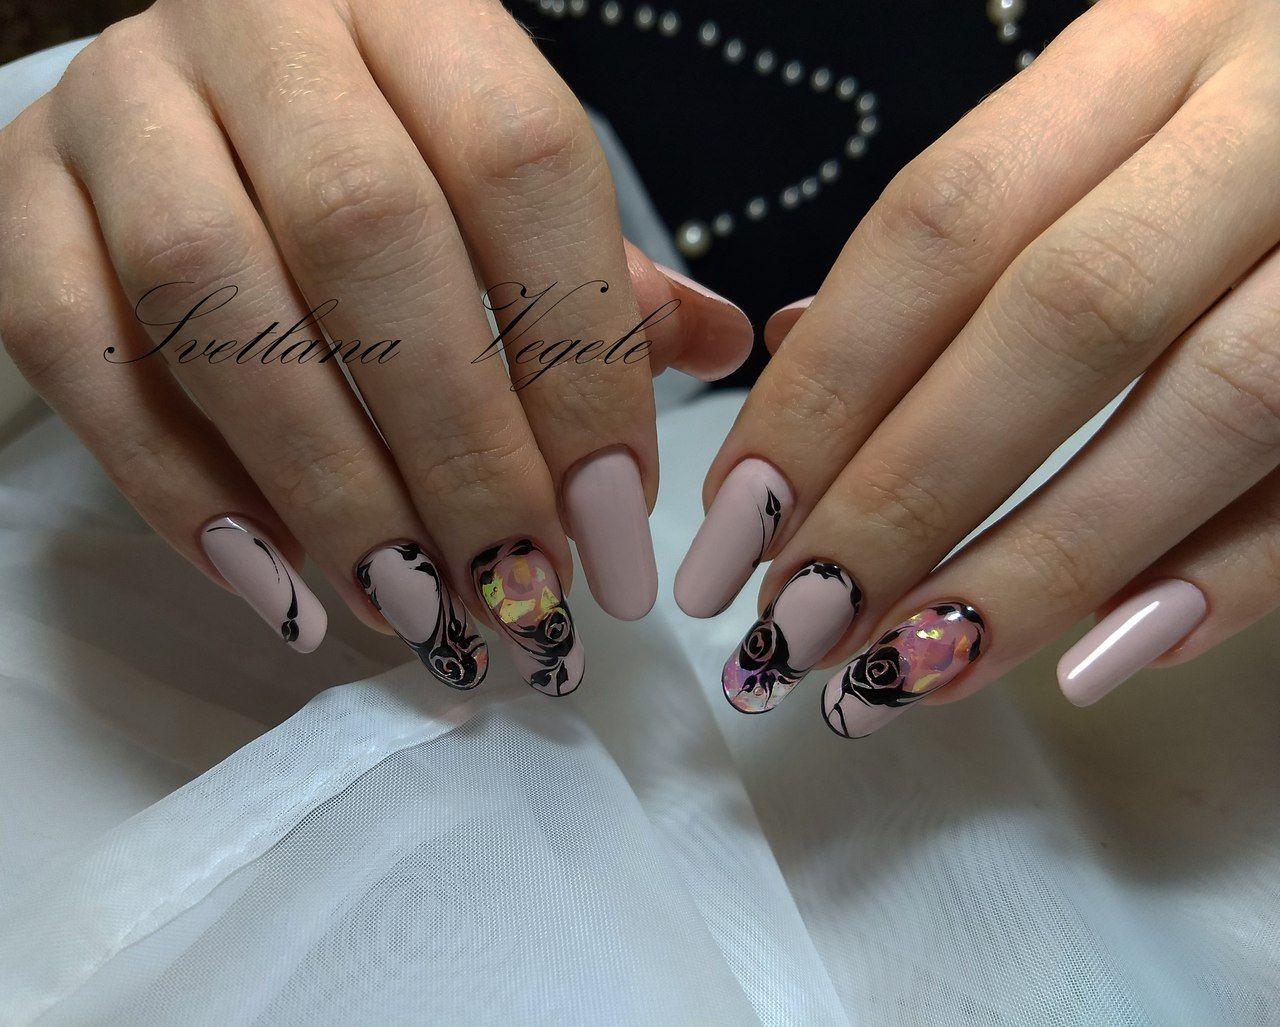 светлана вегель фото ногтей инстаграмм варианты